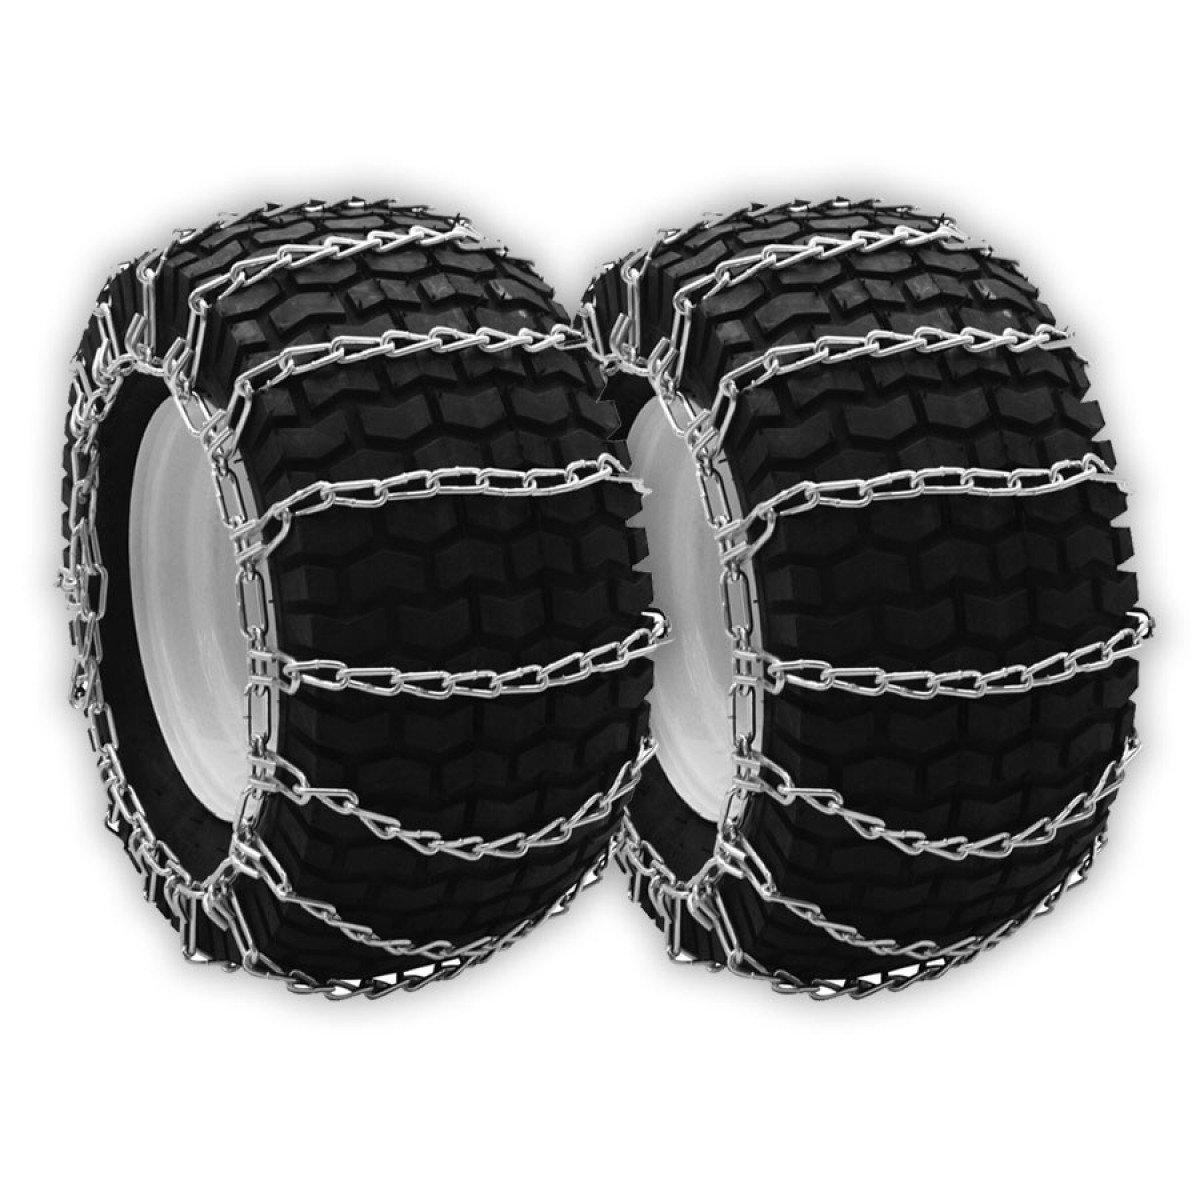 DIY PARTS Depot Tire Chain Fits Tire size 22x8x12, 22x9.50x12